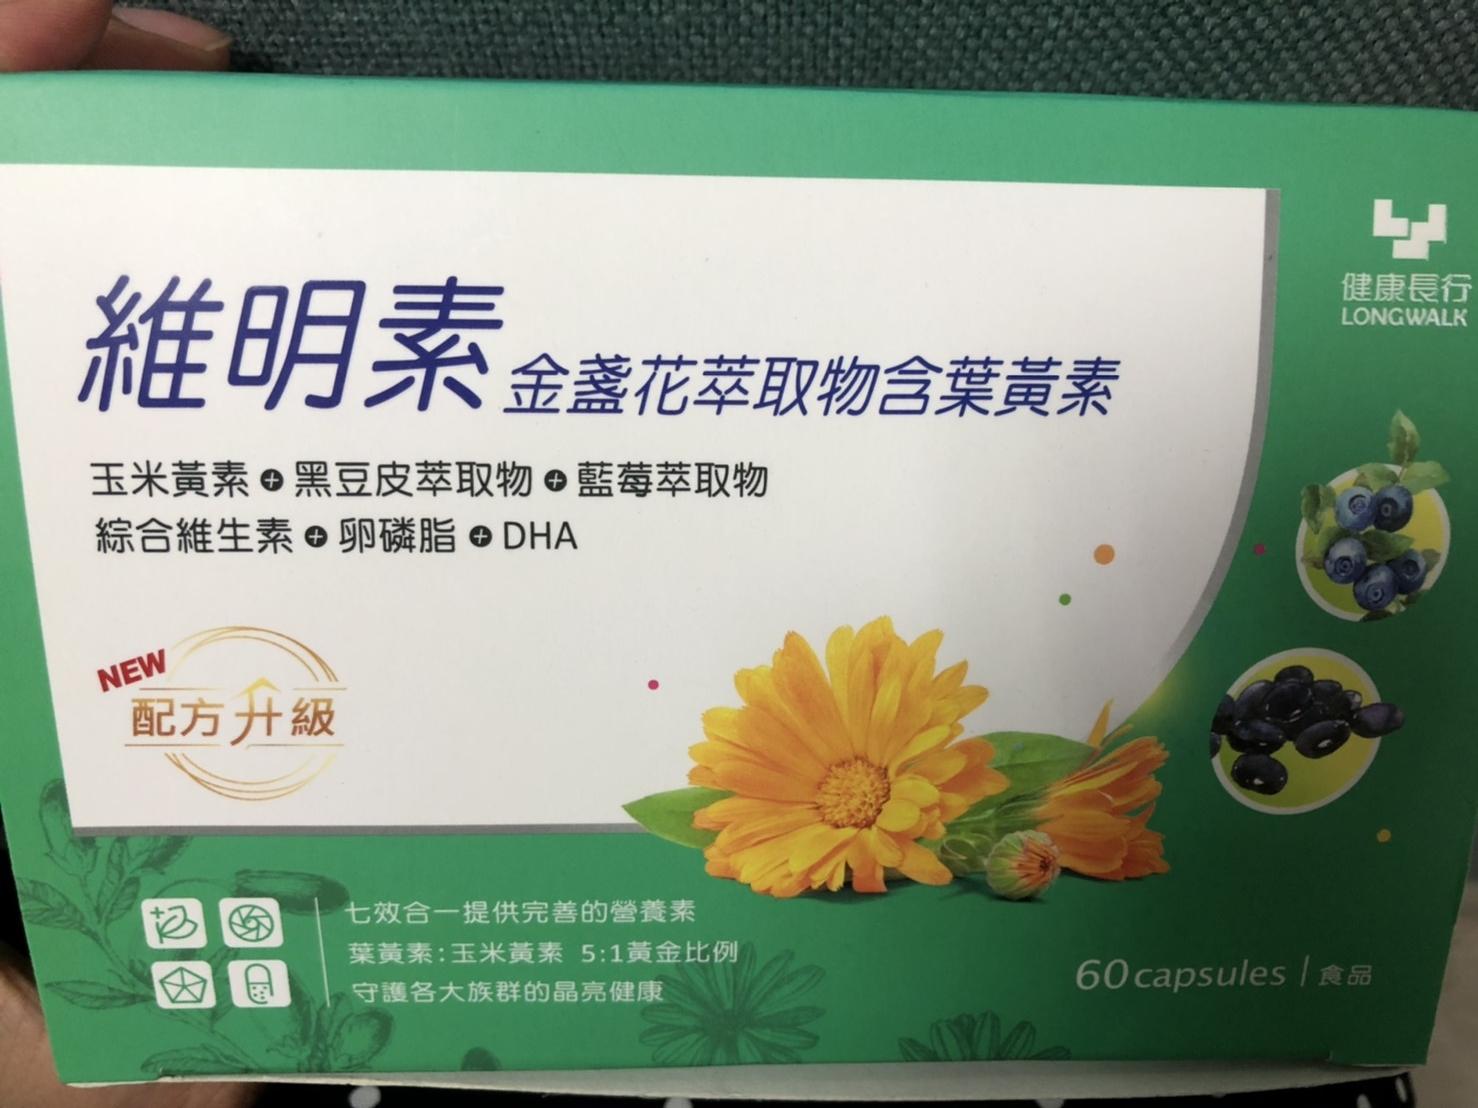 健康長行維明素葉黃素維持晶亮健康2